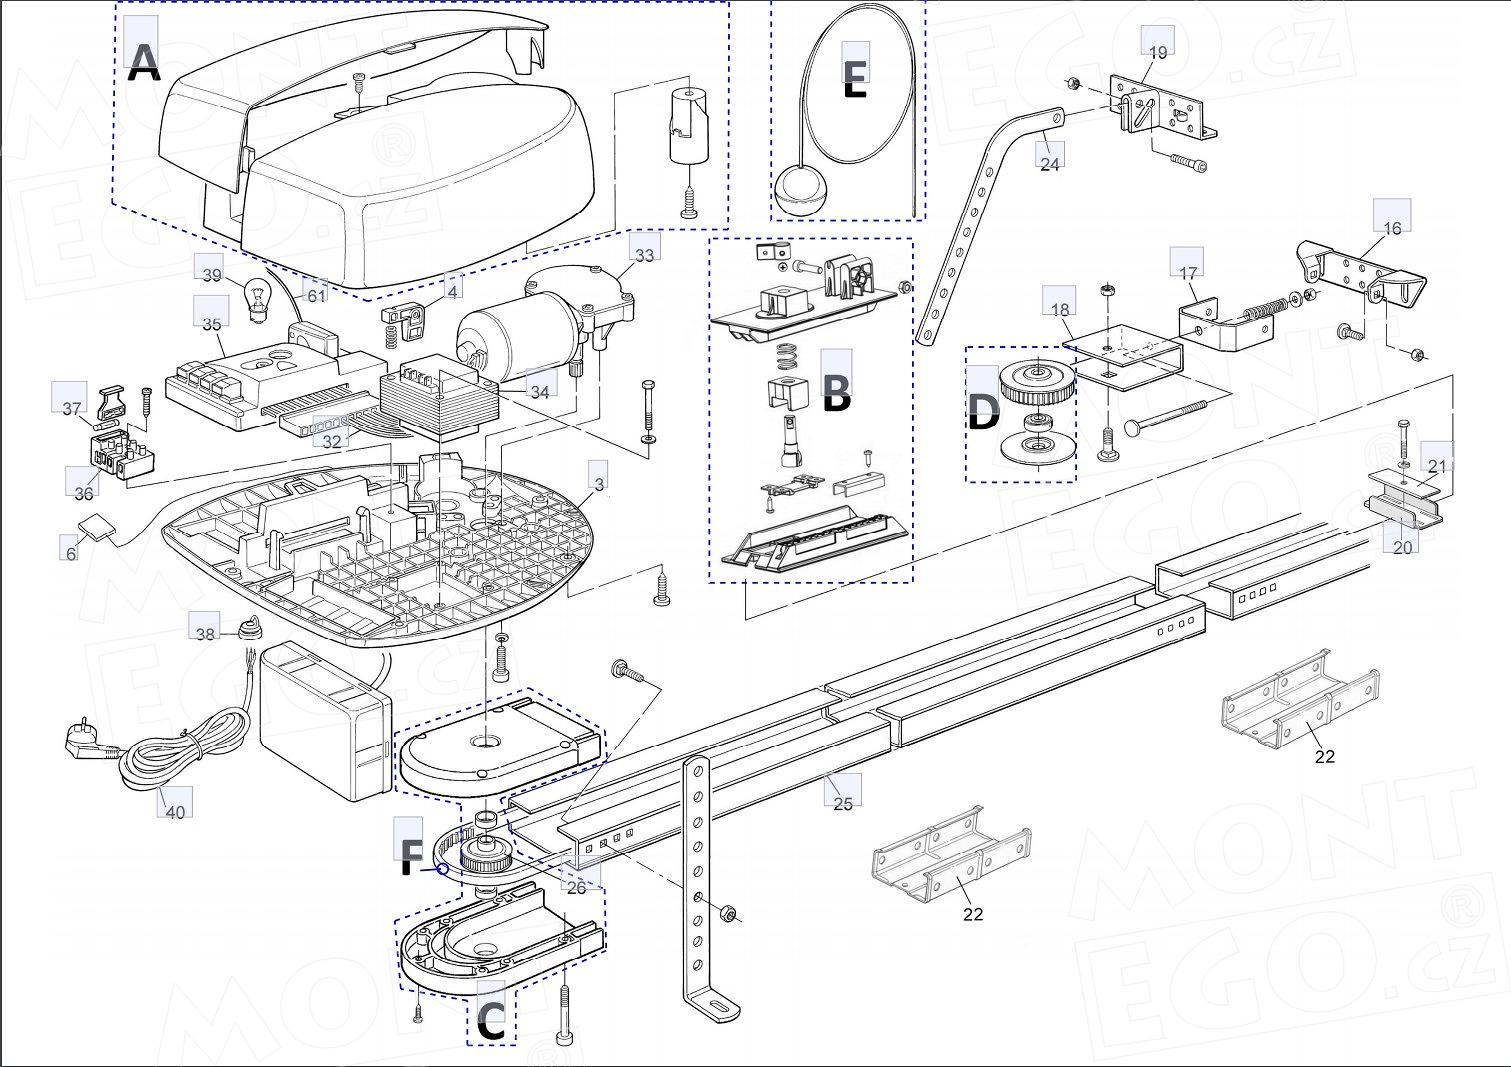 Seznam náhradních dílů pro pohon garážových vrat Nice SPIN23